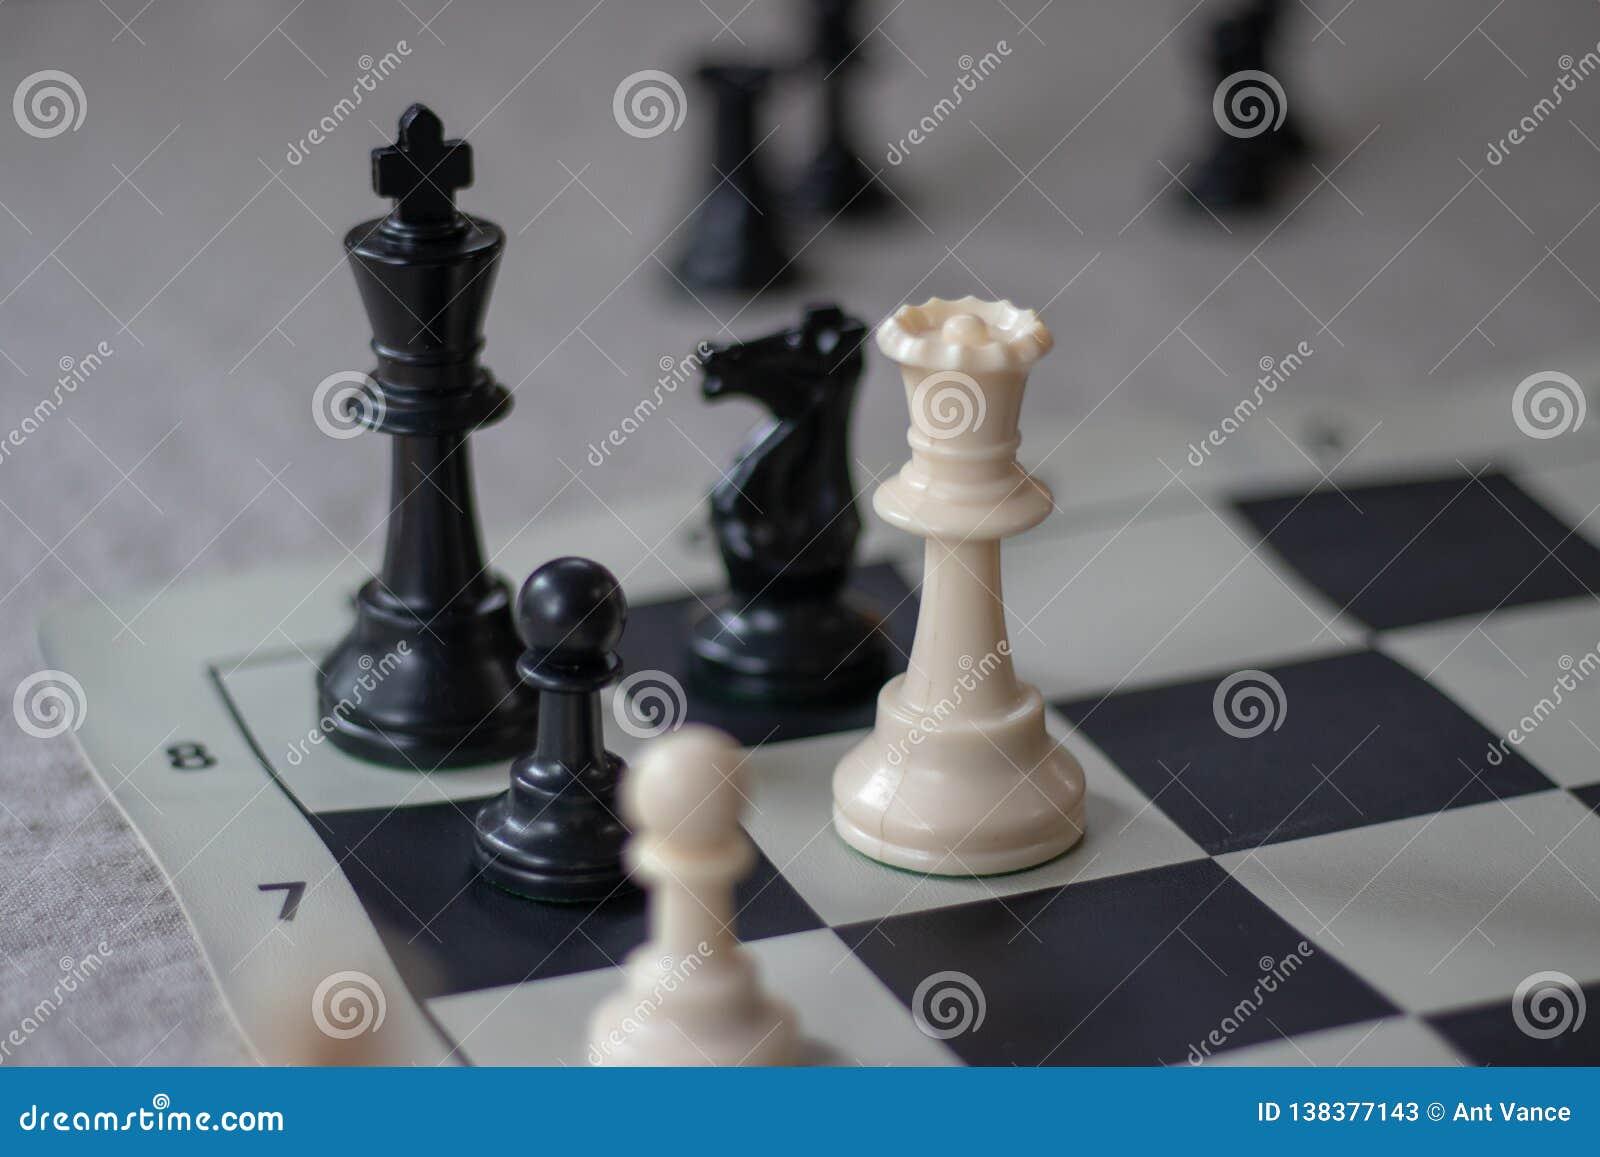 ¡El compañero del ajedrez con la reina y el empeño, da jaque mate!